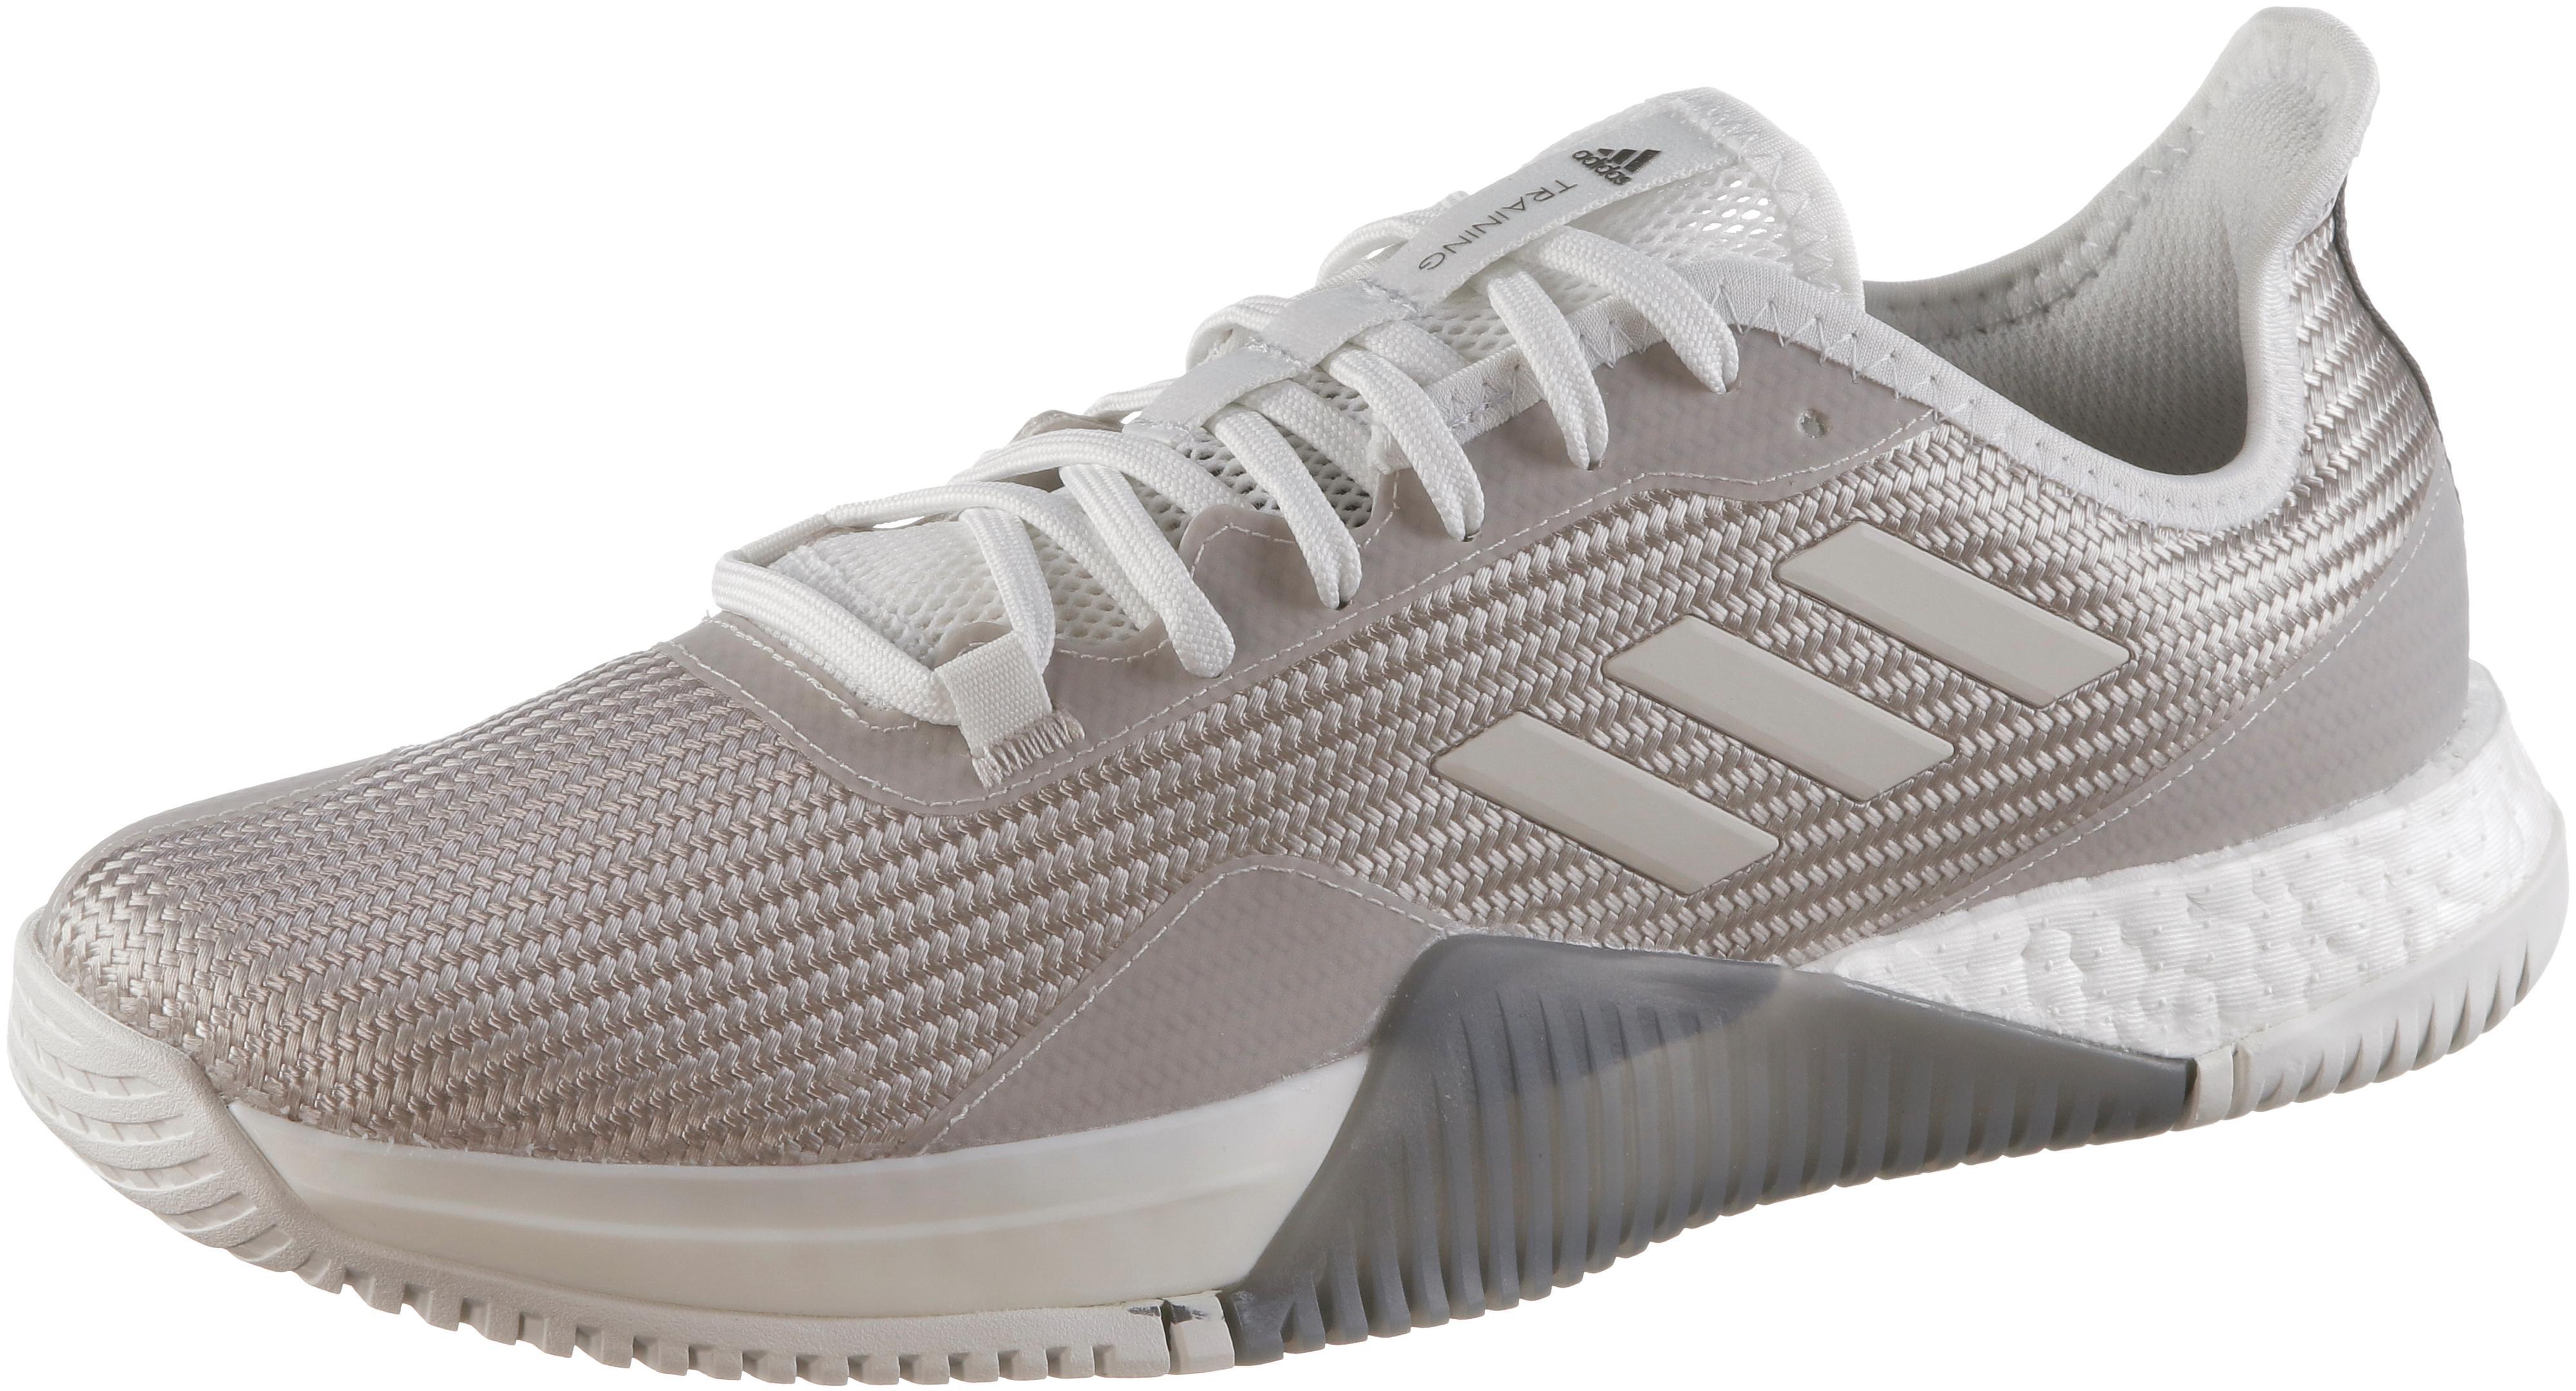 Adidas Damen Turnschuhe günstig kaufen Ein Gleichgewicht